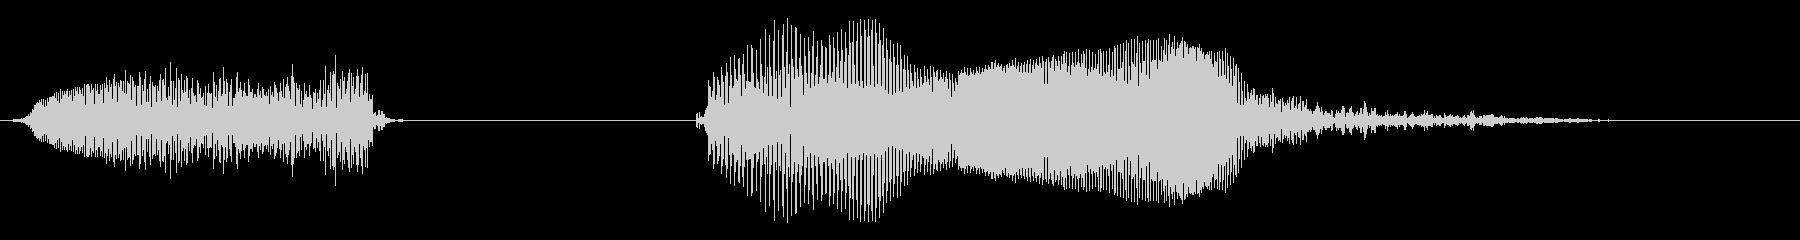 やったー!1【ロリキャラの褒めボイス】の未再生の波形